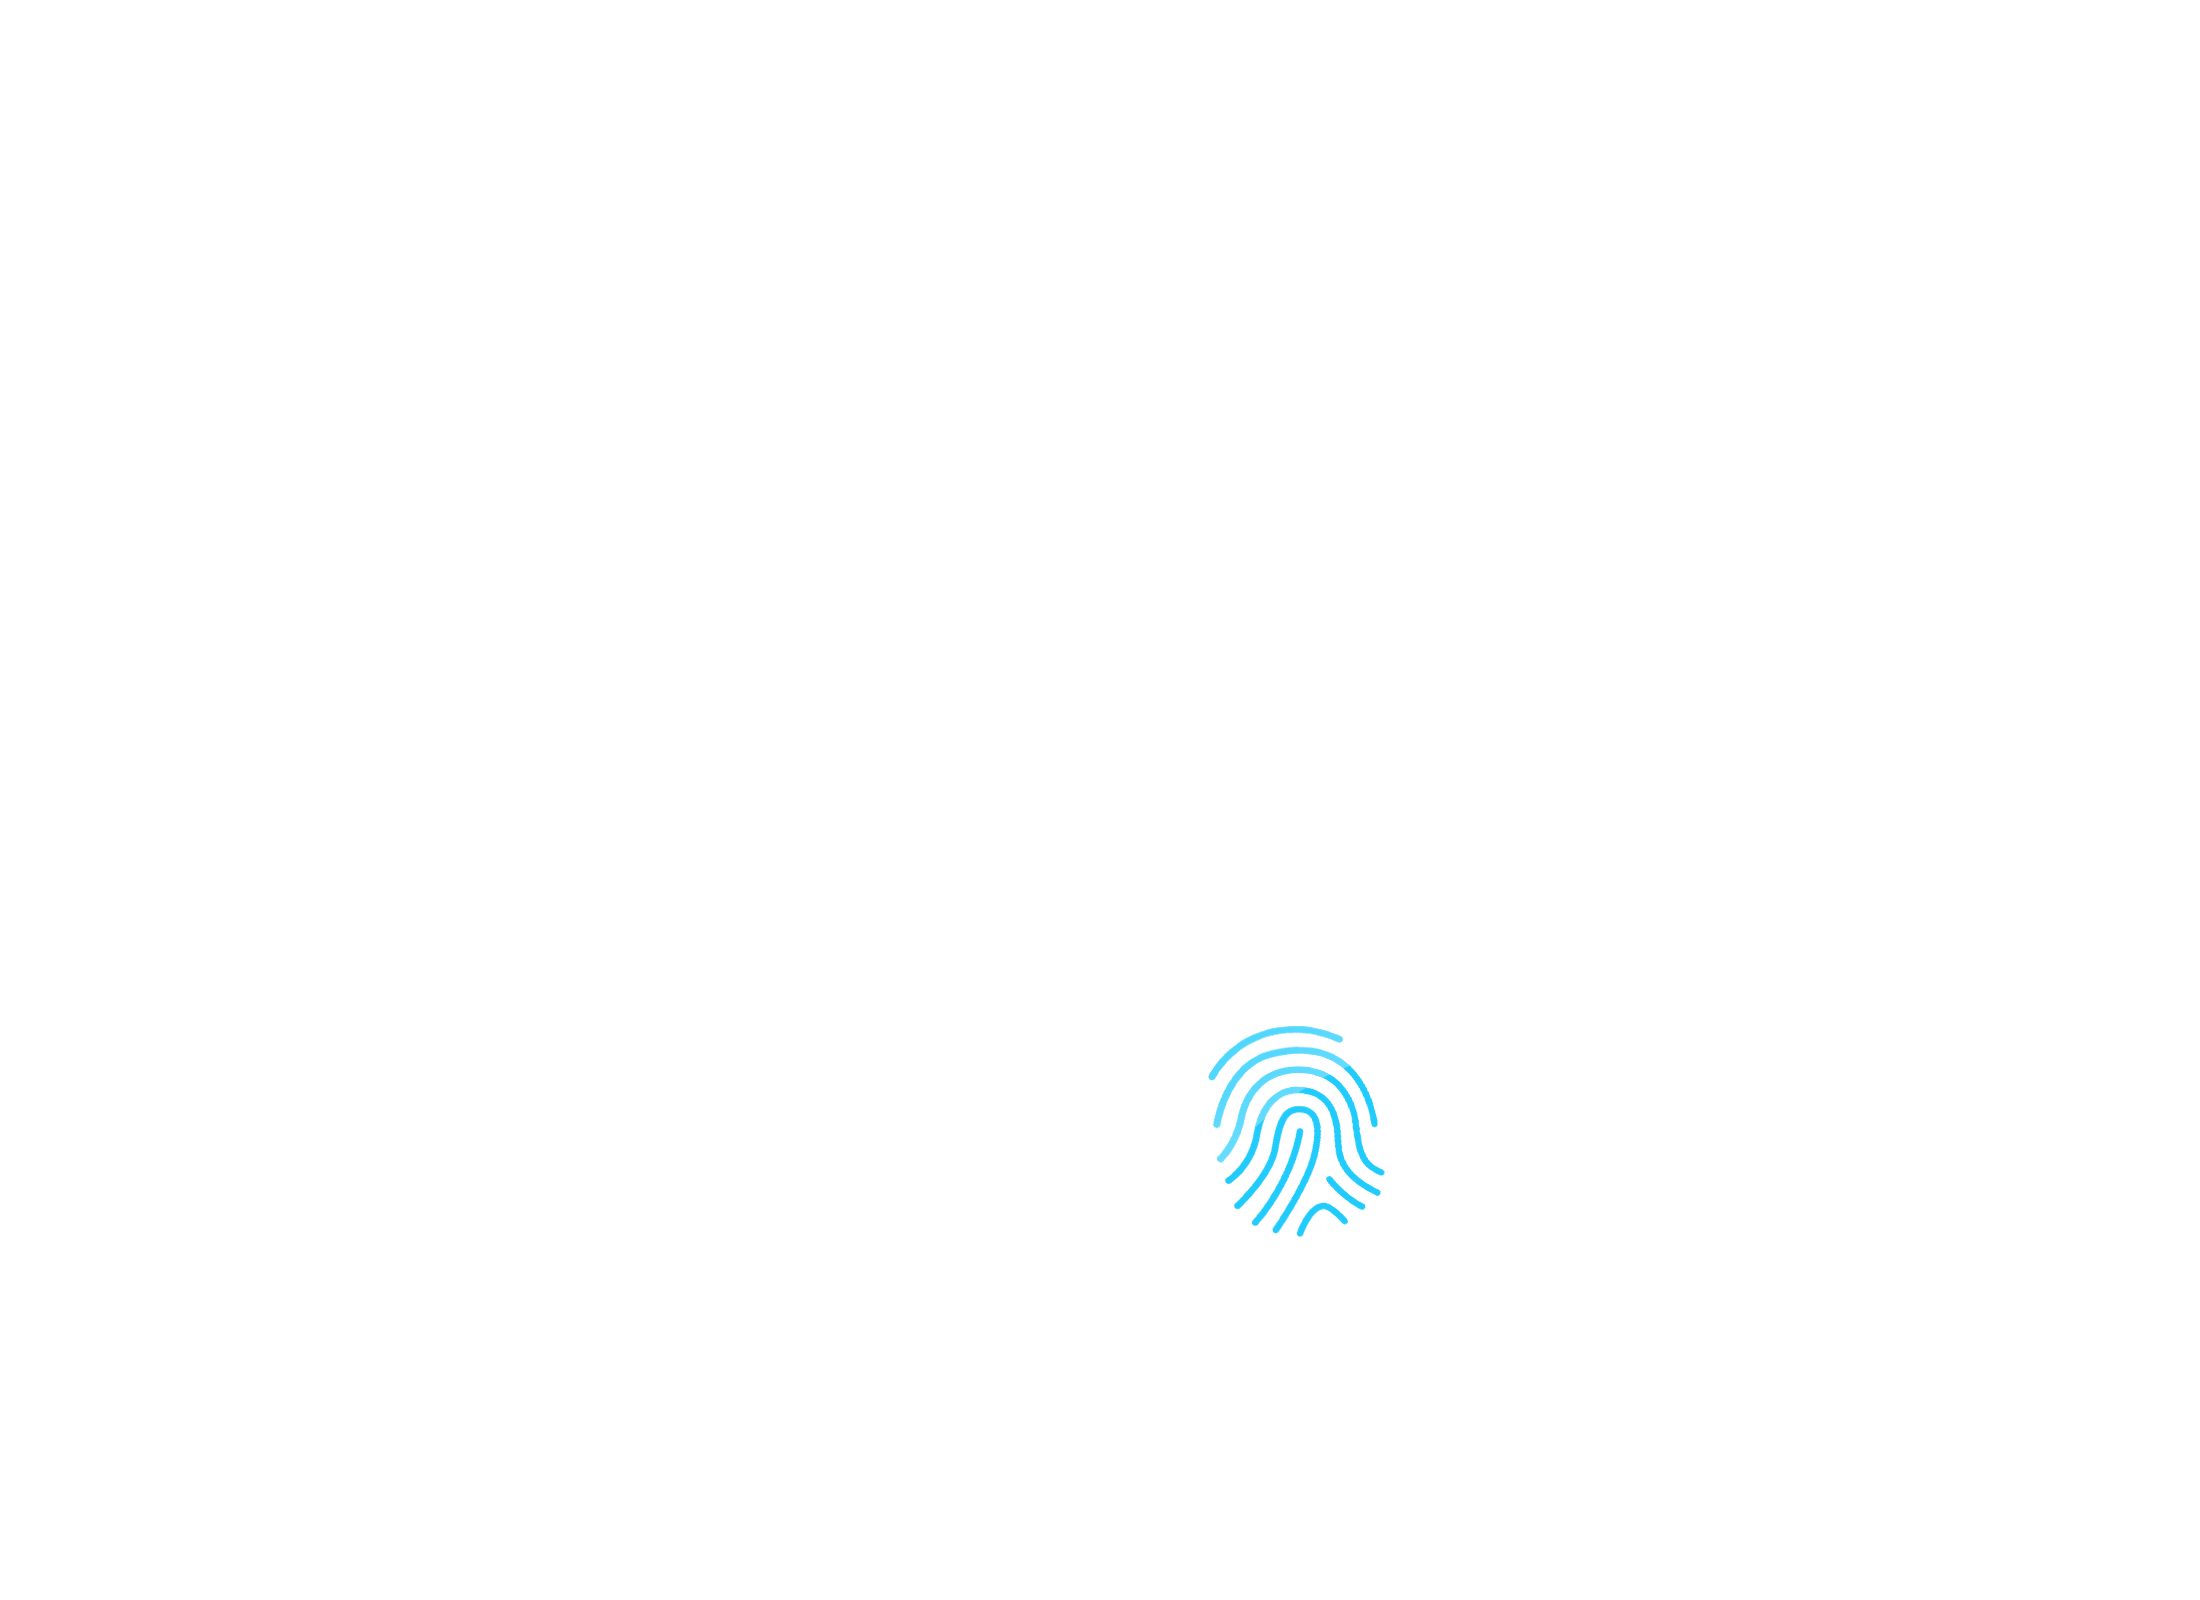 ppt素材 指纹